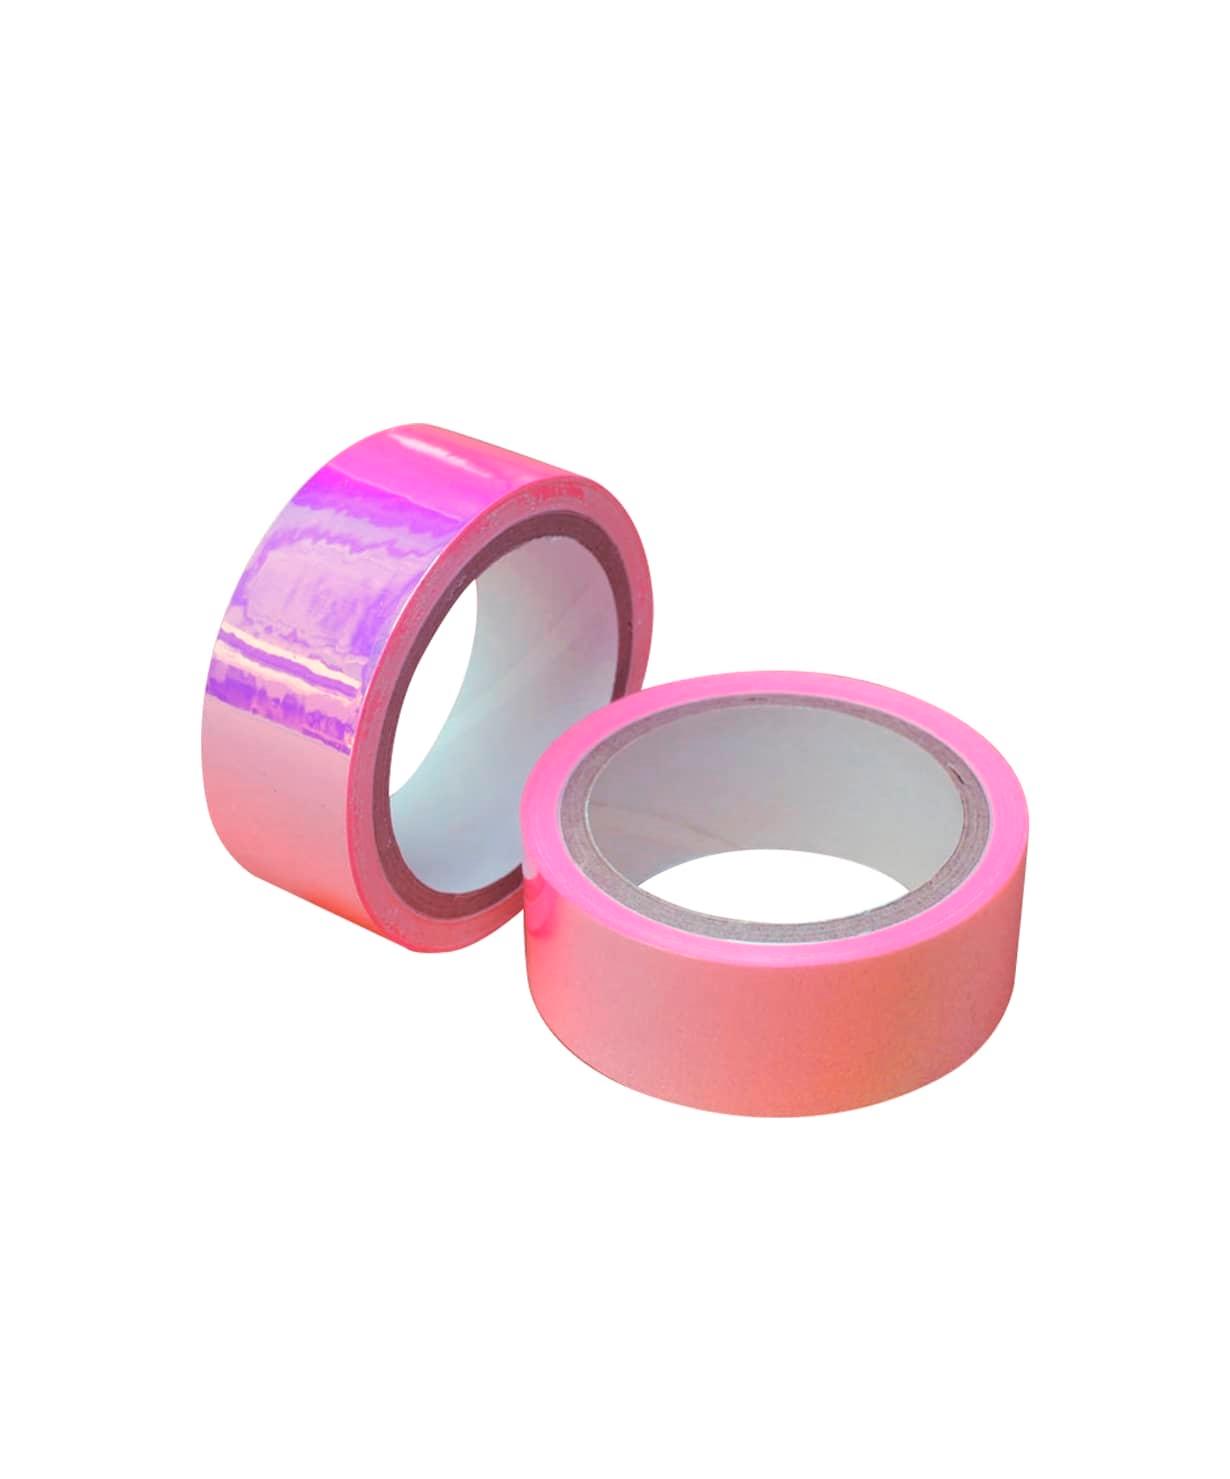 Обмотка для обруча Pink